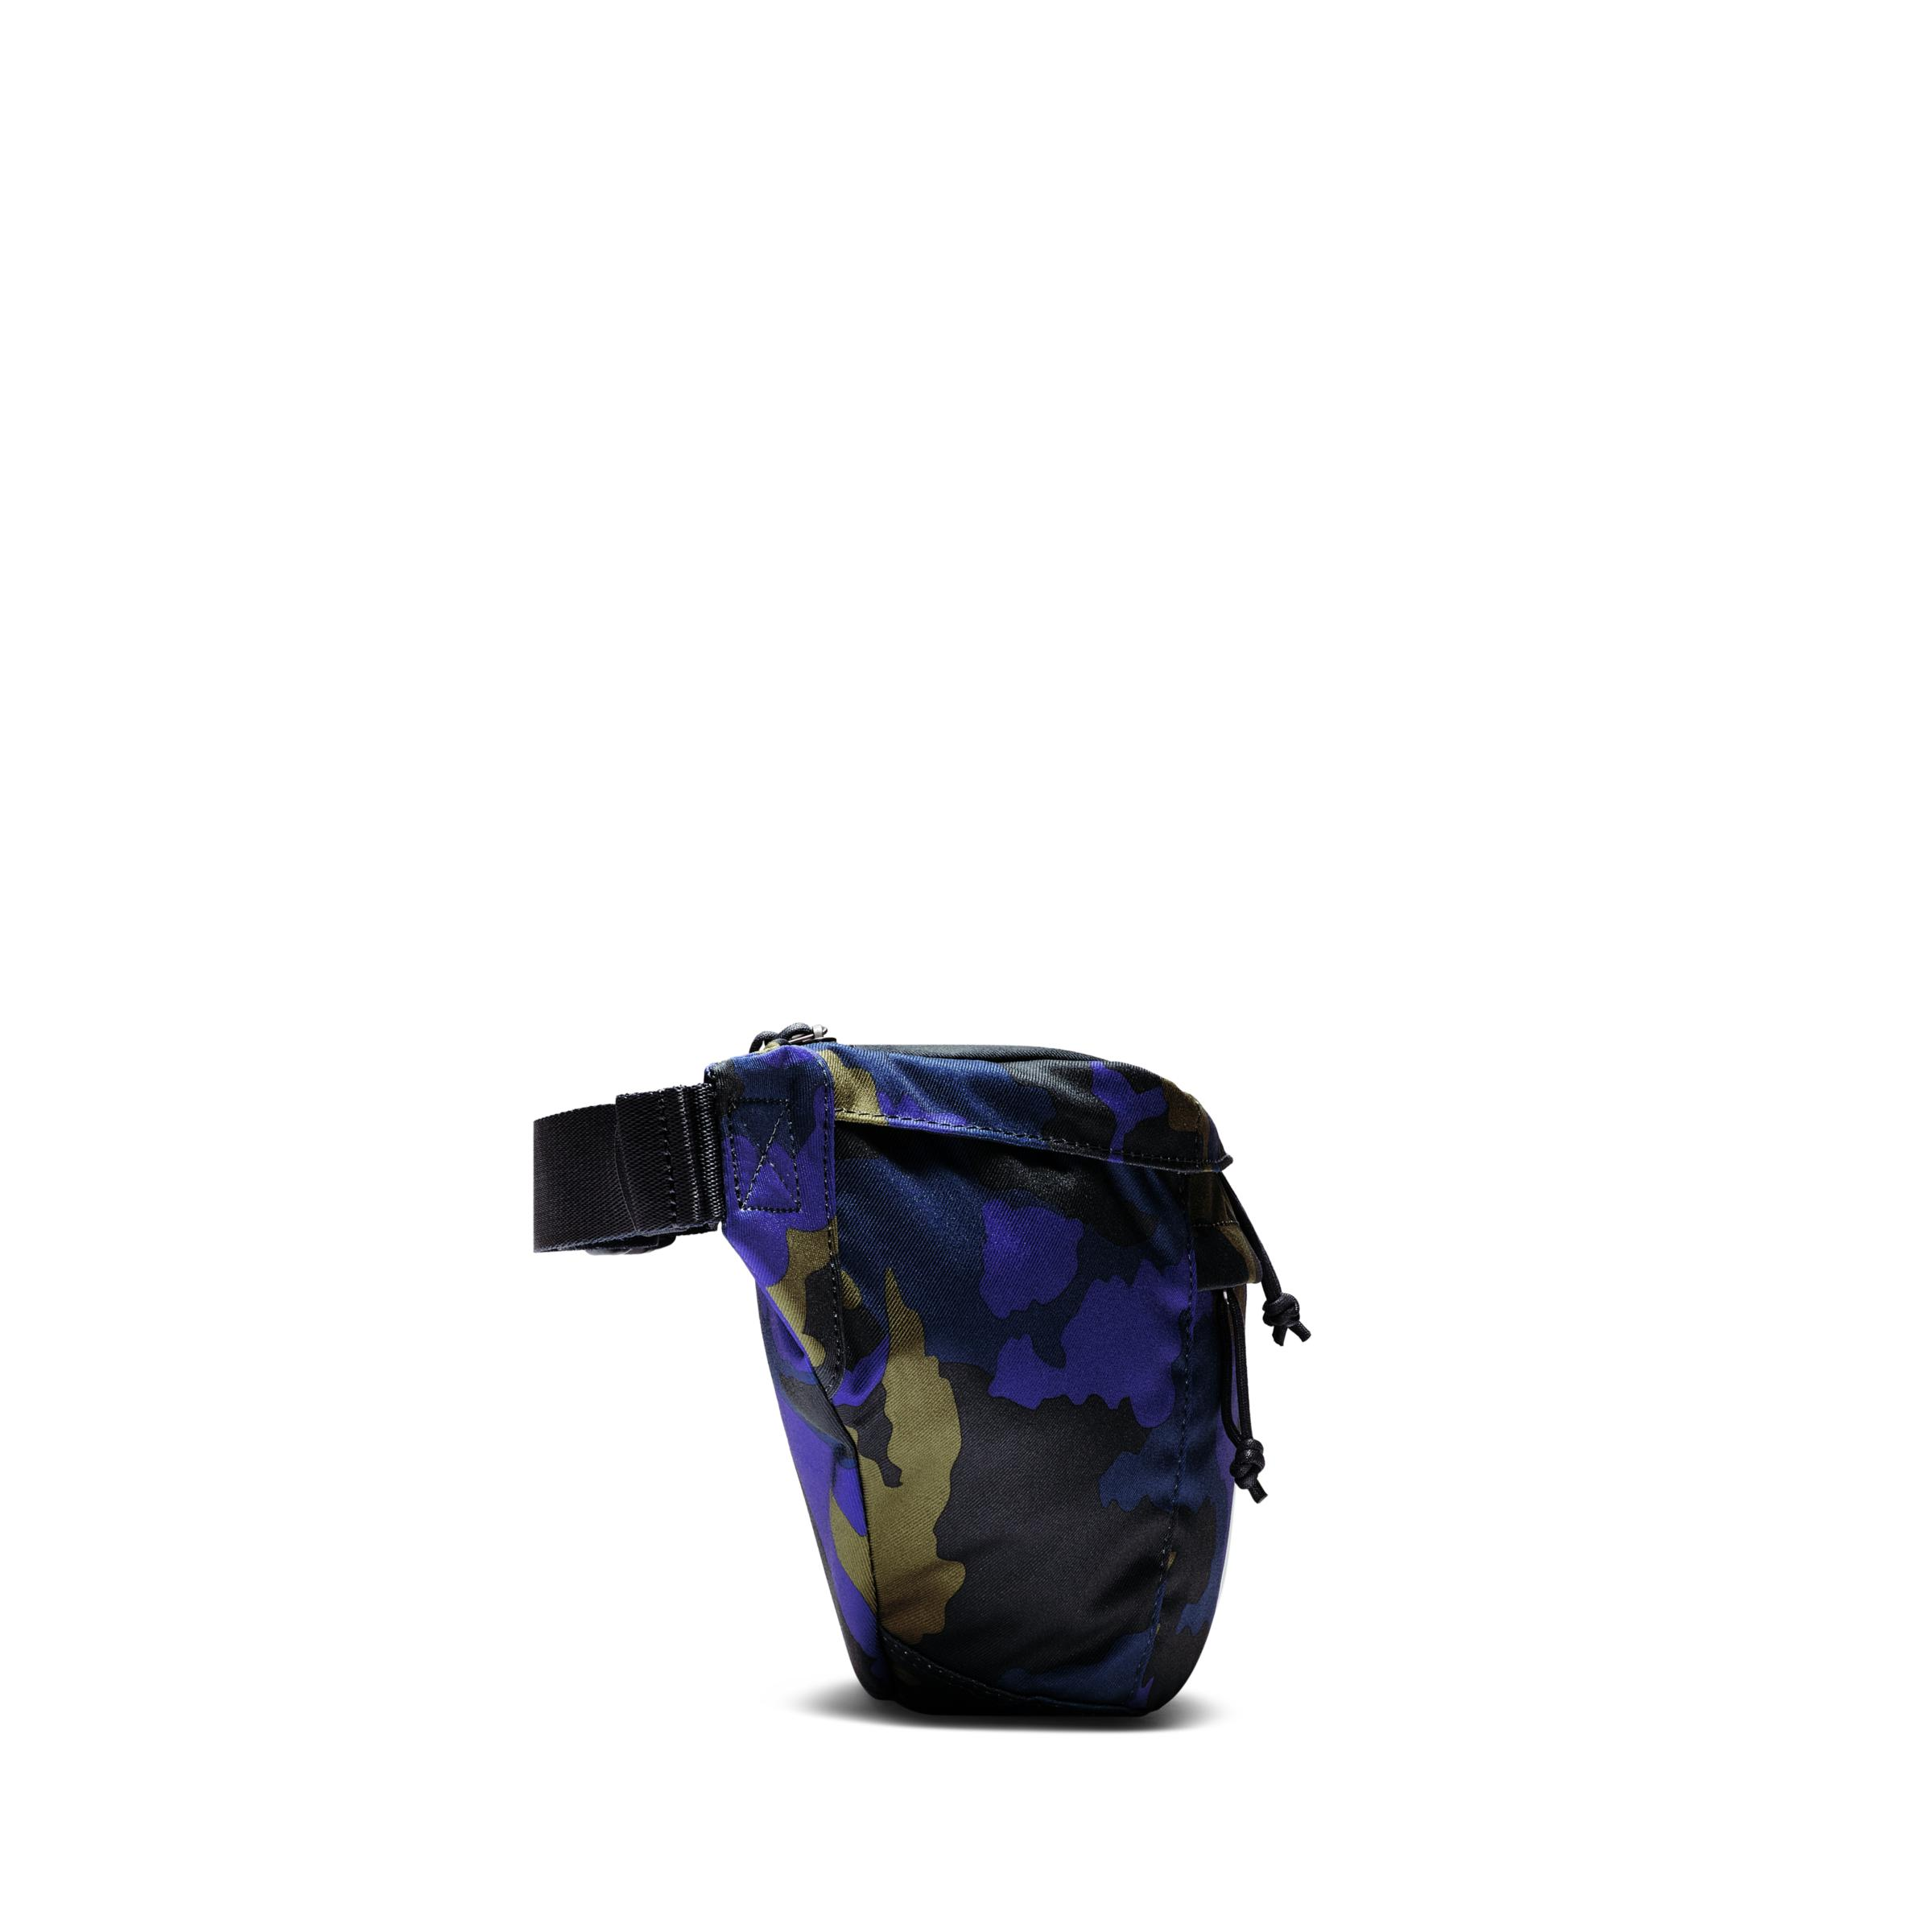 ed7967b81c Banane Nike Imprimé Lyst Coloris Bleu Tech Sac En Sportswear 5qFv6p